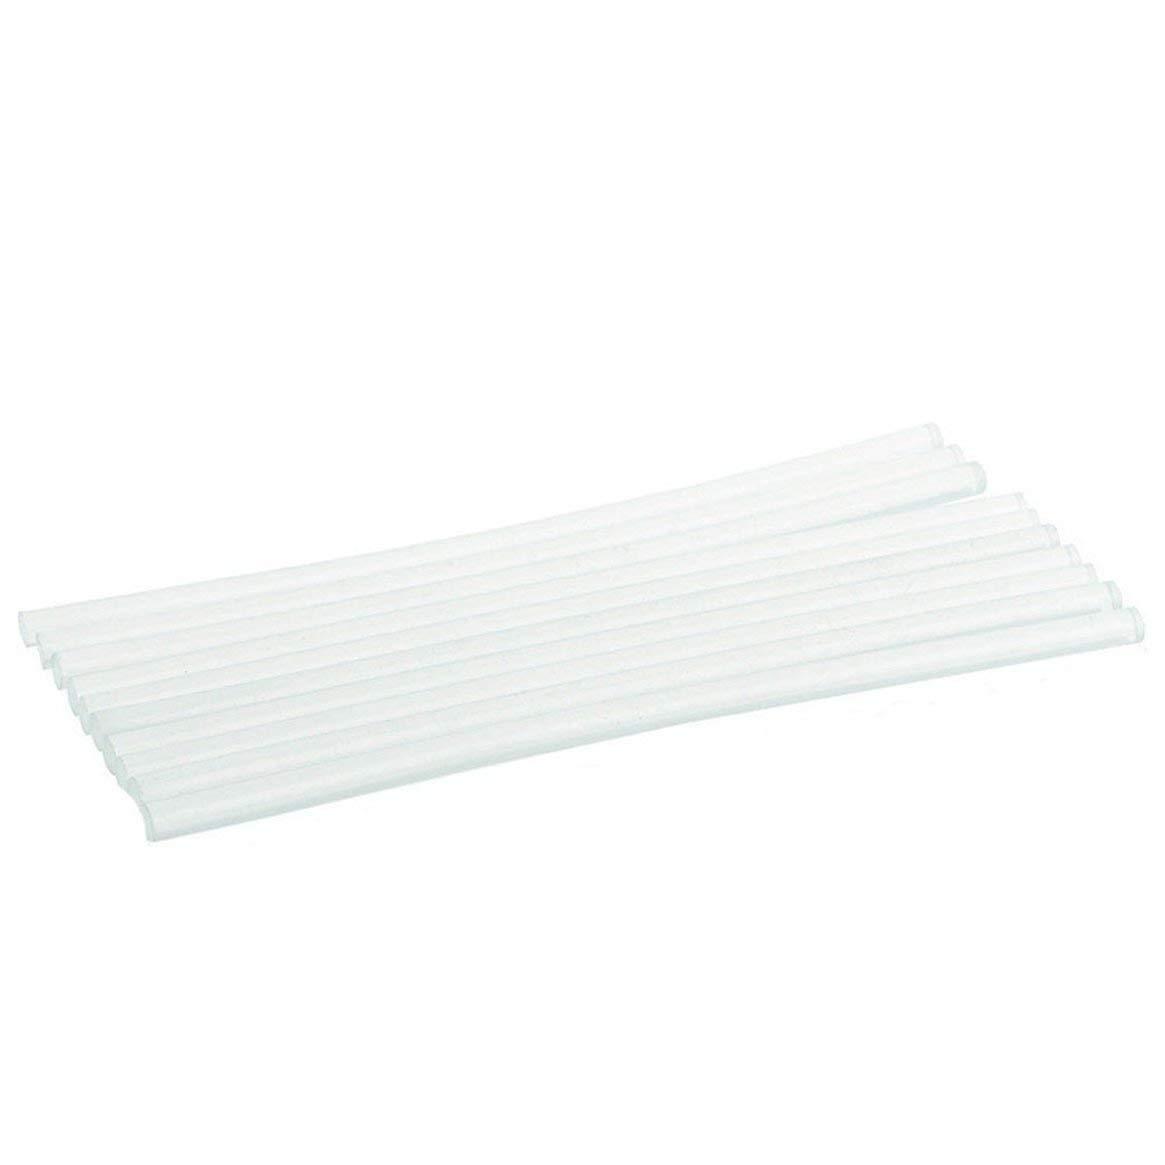 10PCS / SET bâtons de colle thermofusibles non toxiques pour l'artisanat électrique résistance au chauffage colle adhésive bâtons d'artisanat - transparent